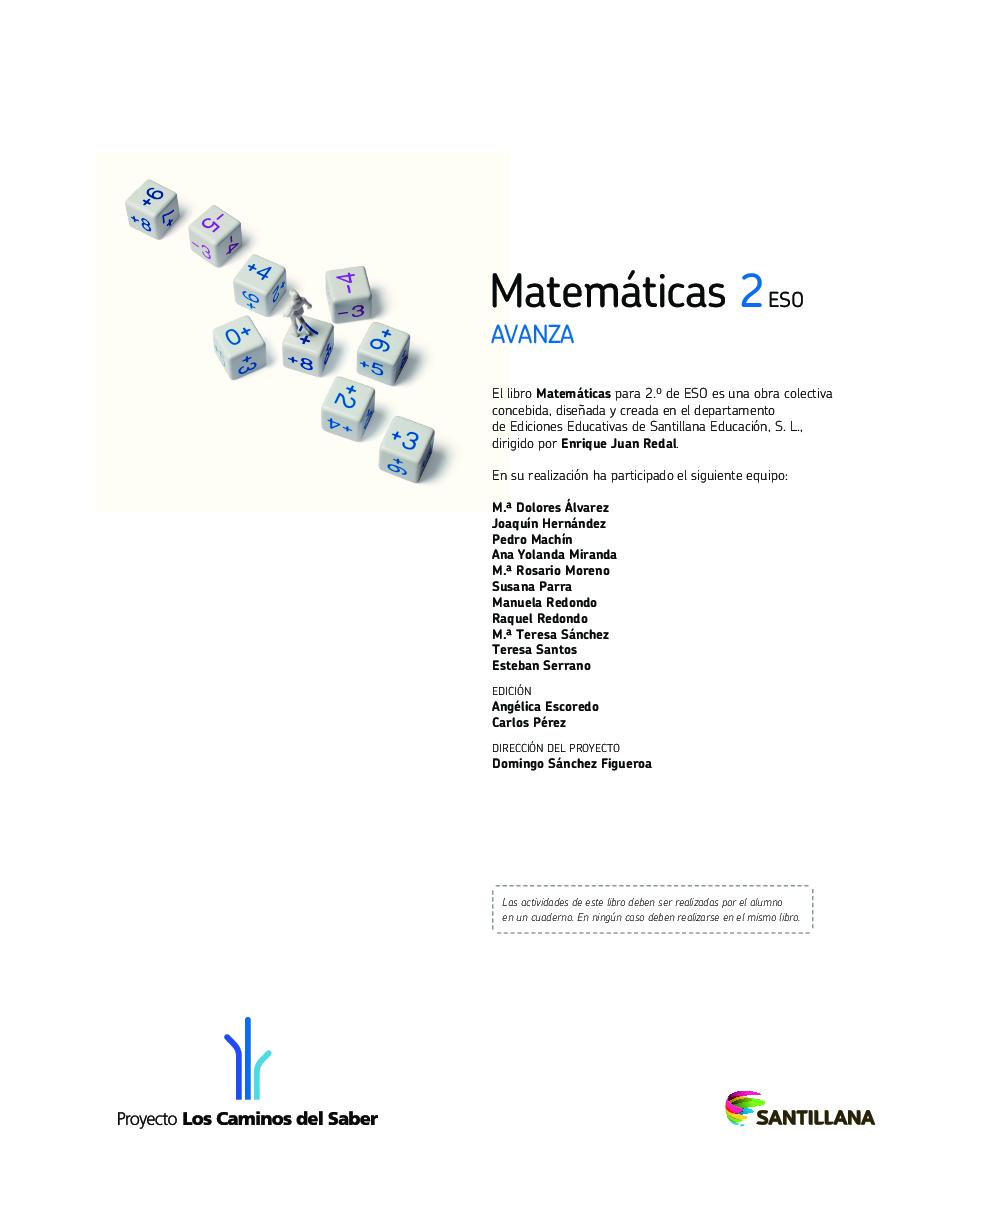 Matemáticas 2 Eso Avanza Santillana Pdf Docer Com Ar